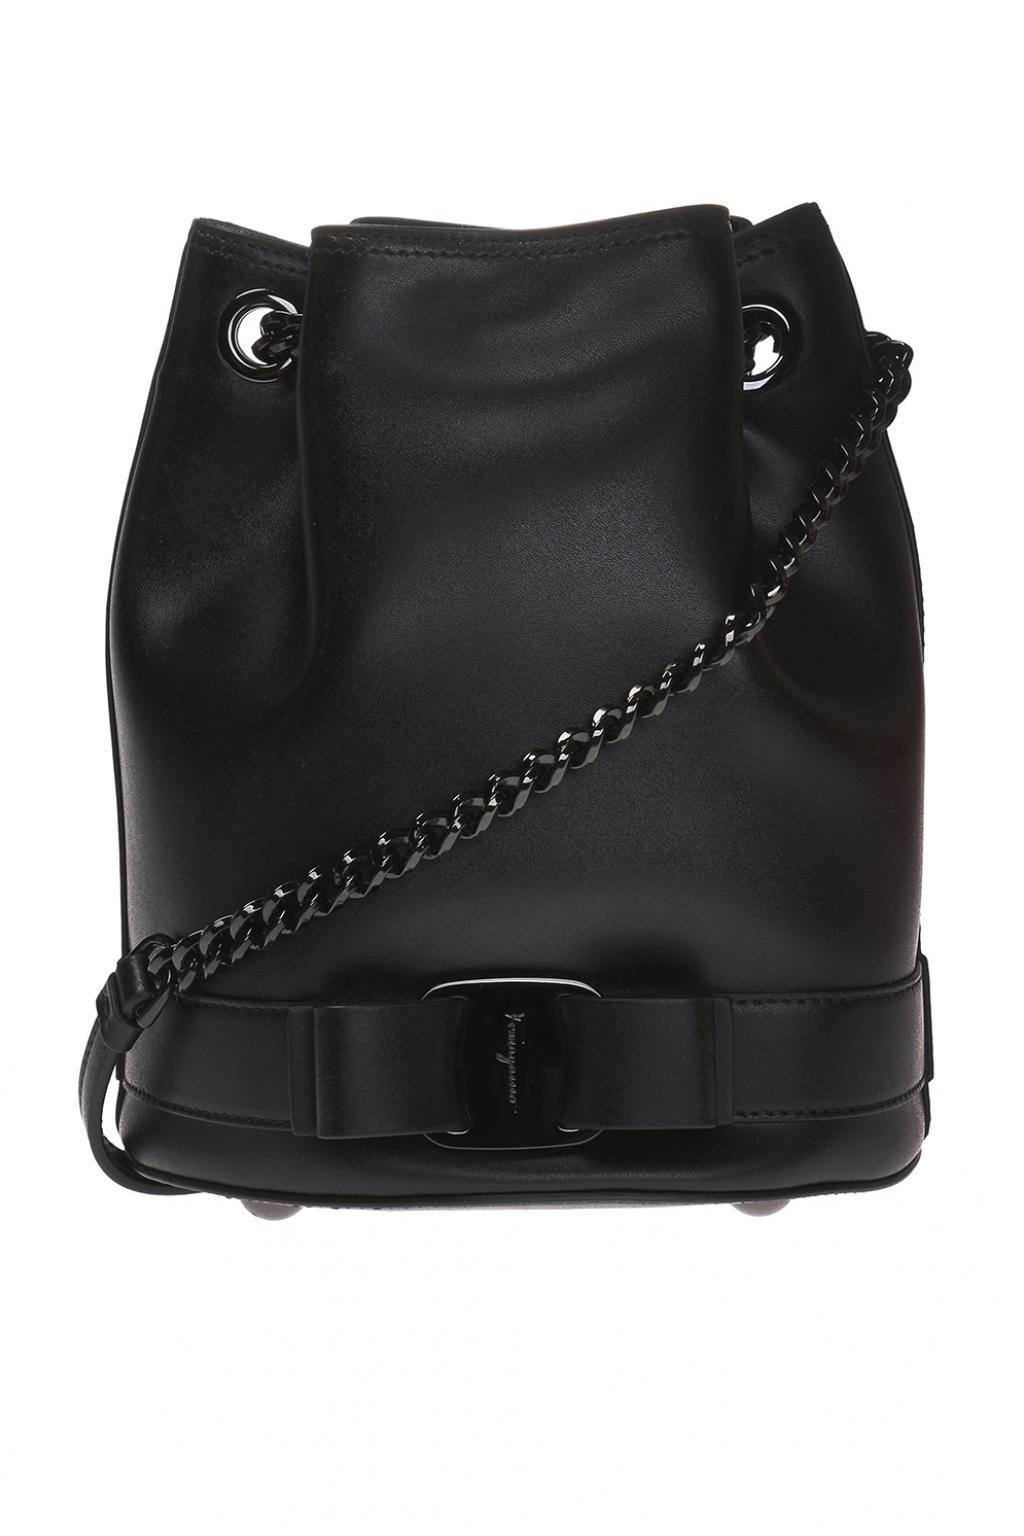 f4bff4b58341 Lyst - Ferragamo  vara  Shoulder Bag in Black